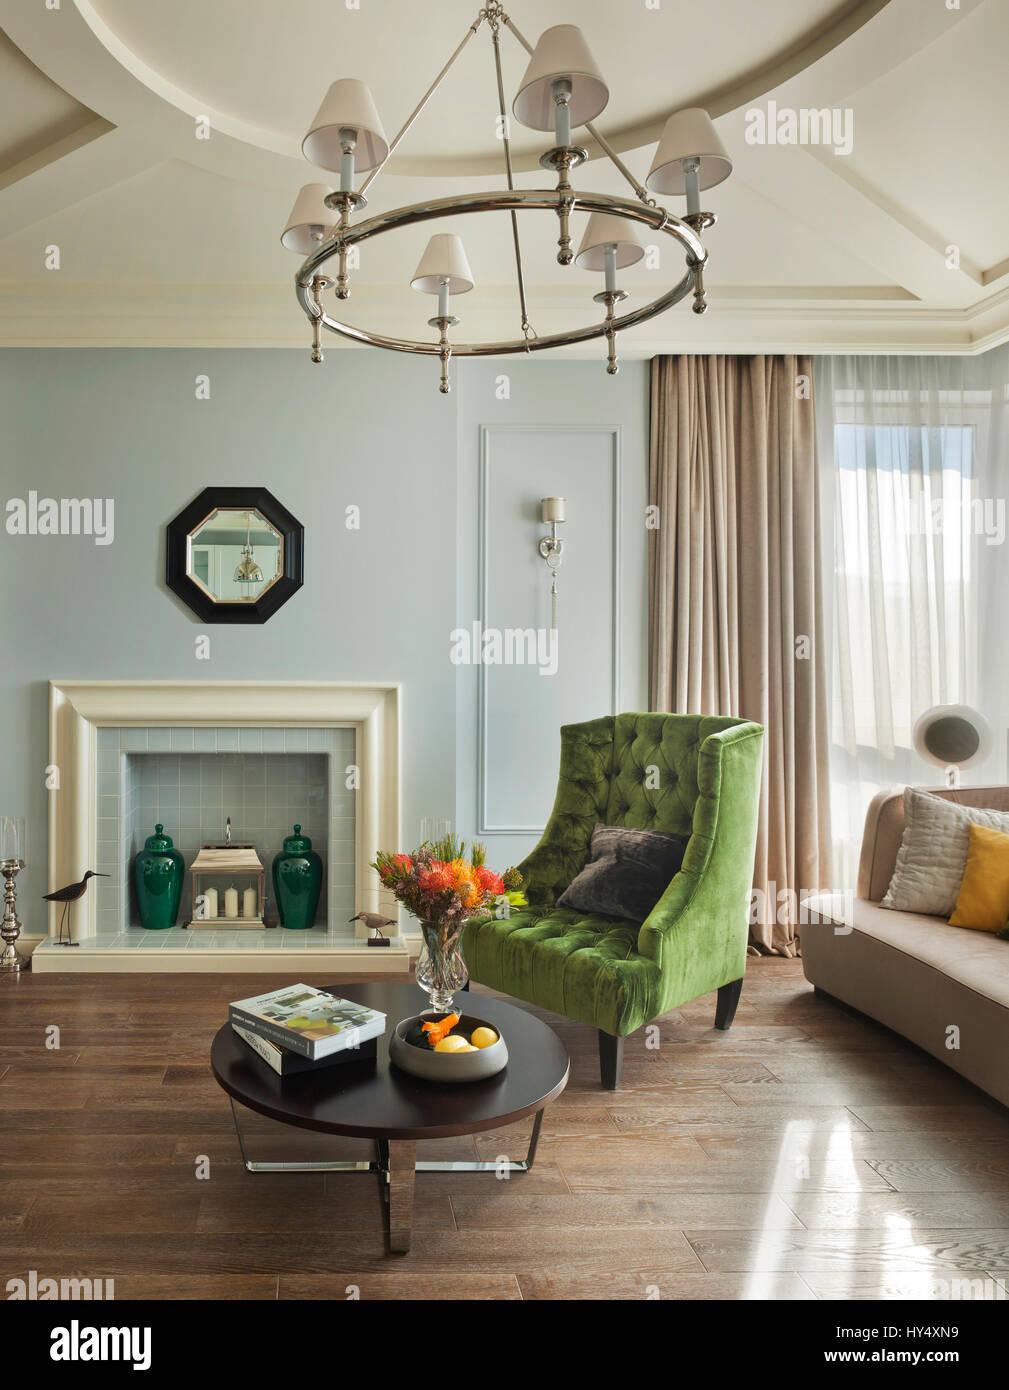 luxus wohnung im klassischen stil in moskau innenarchitektur klassiker pastell wohnzimmer zimmer einrichtung design exklusiv lebensstil reichen